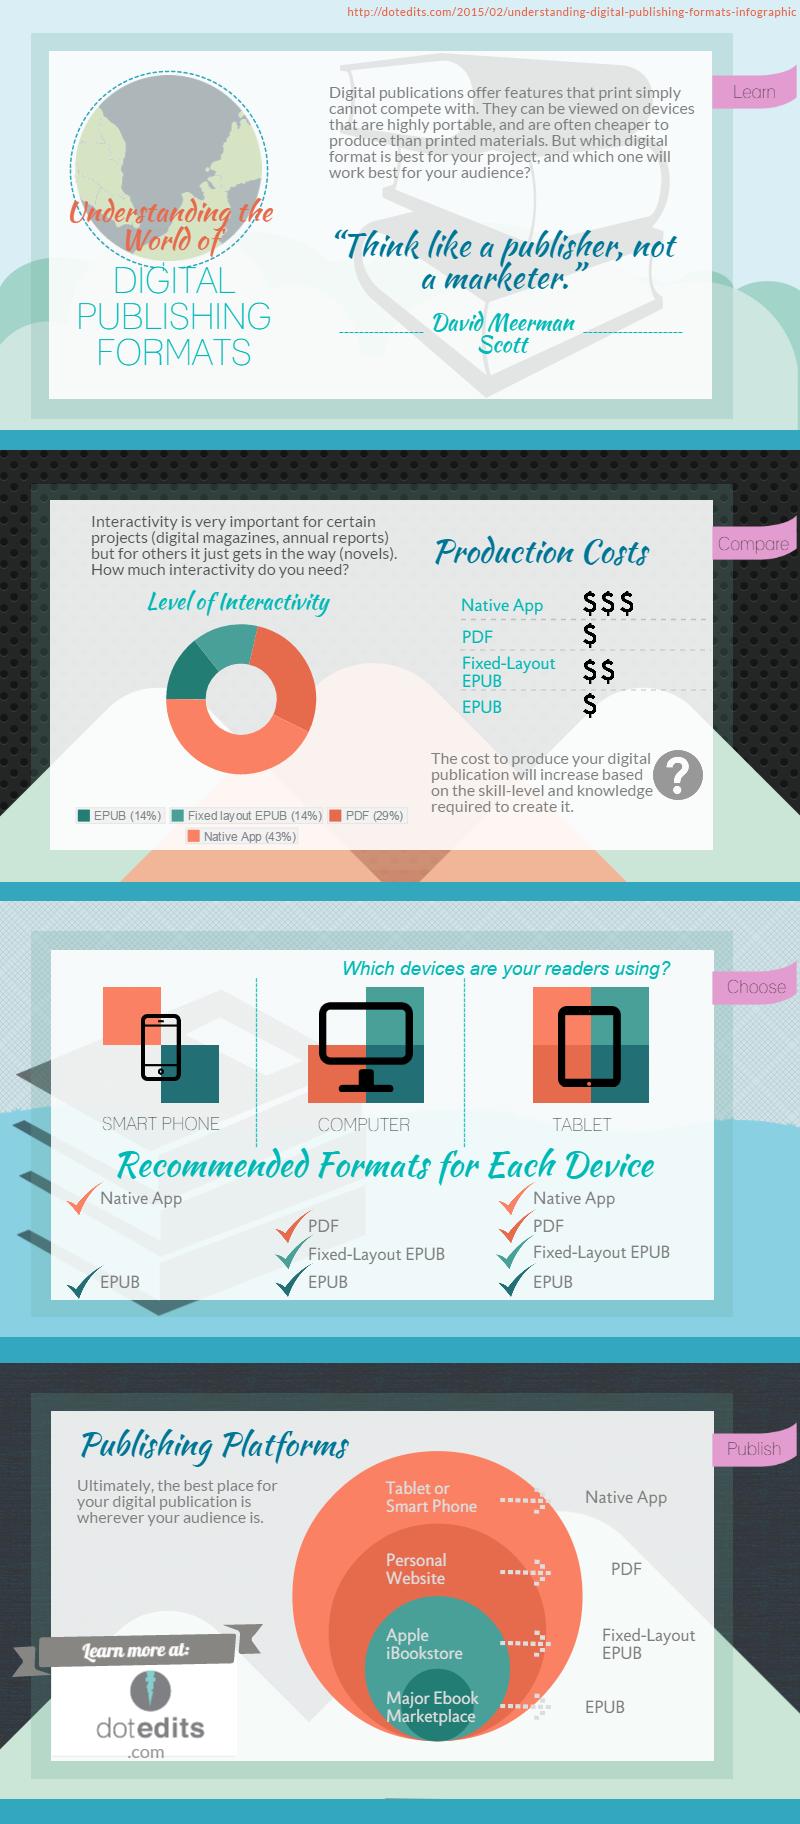 Understanding digital publishing formats